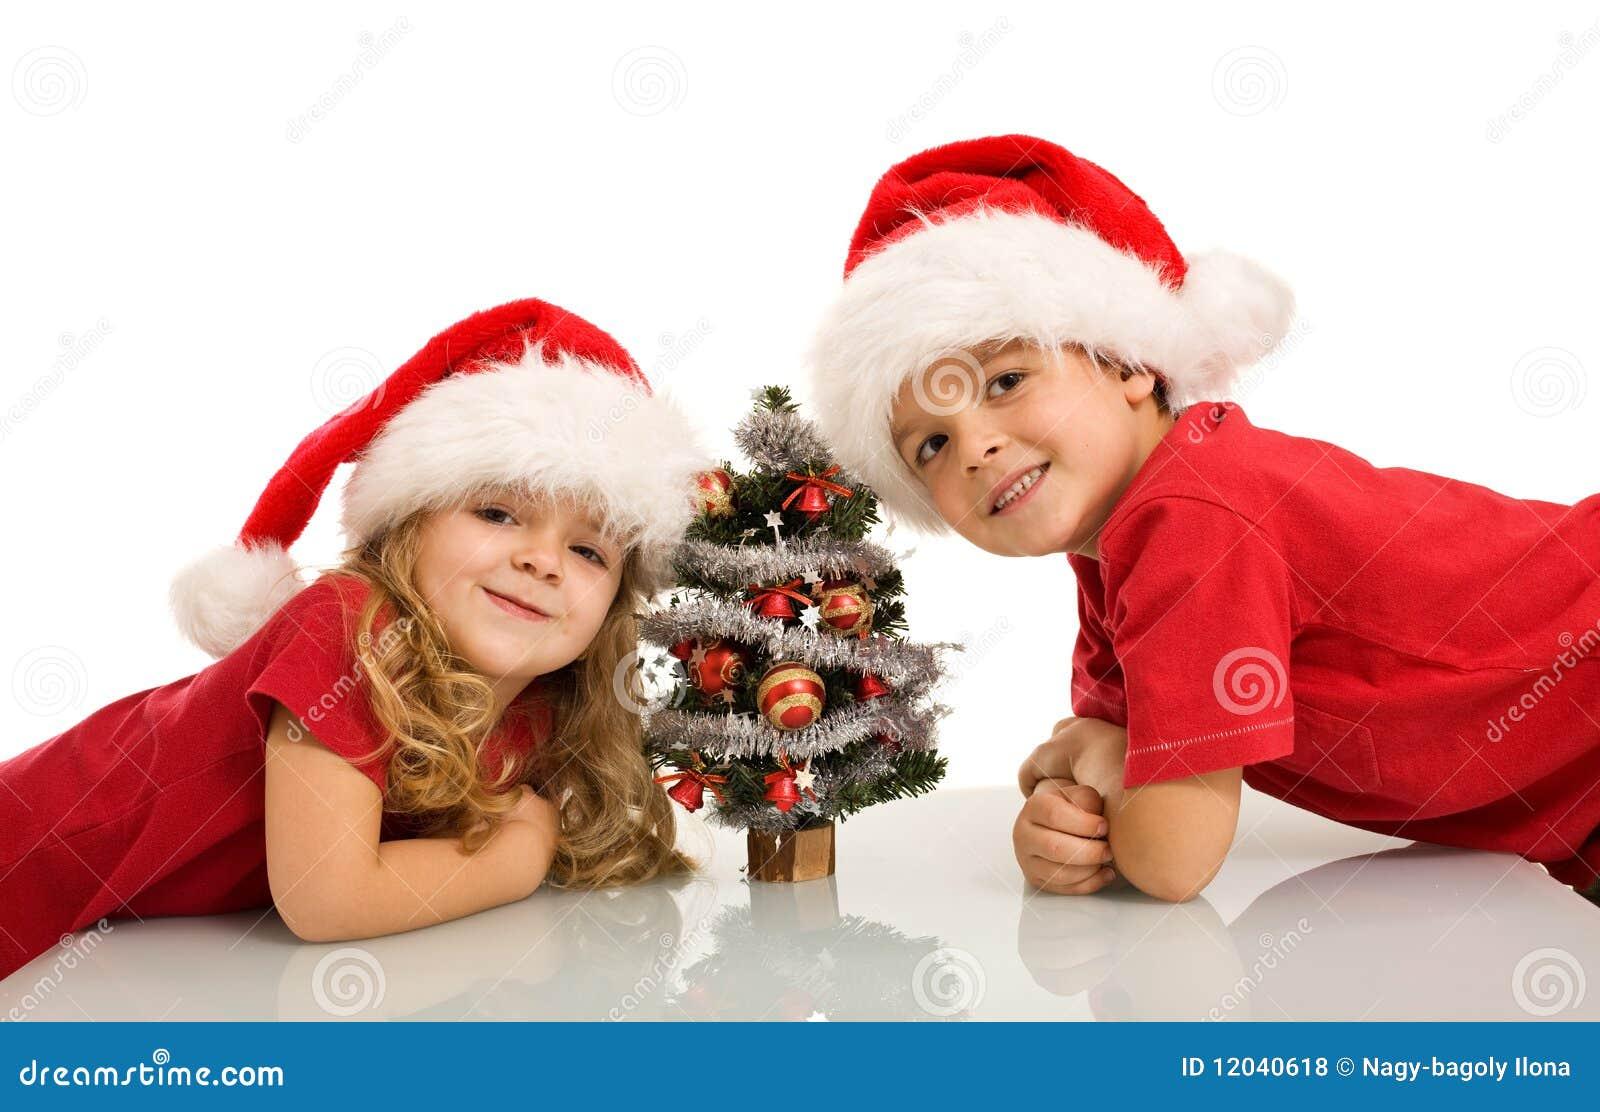 Immagini Di Natale Bambini.Bambini Felici Con Il Piccolo Albero Di Natale Fotografia